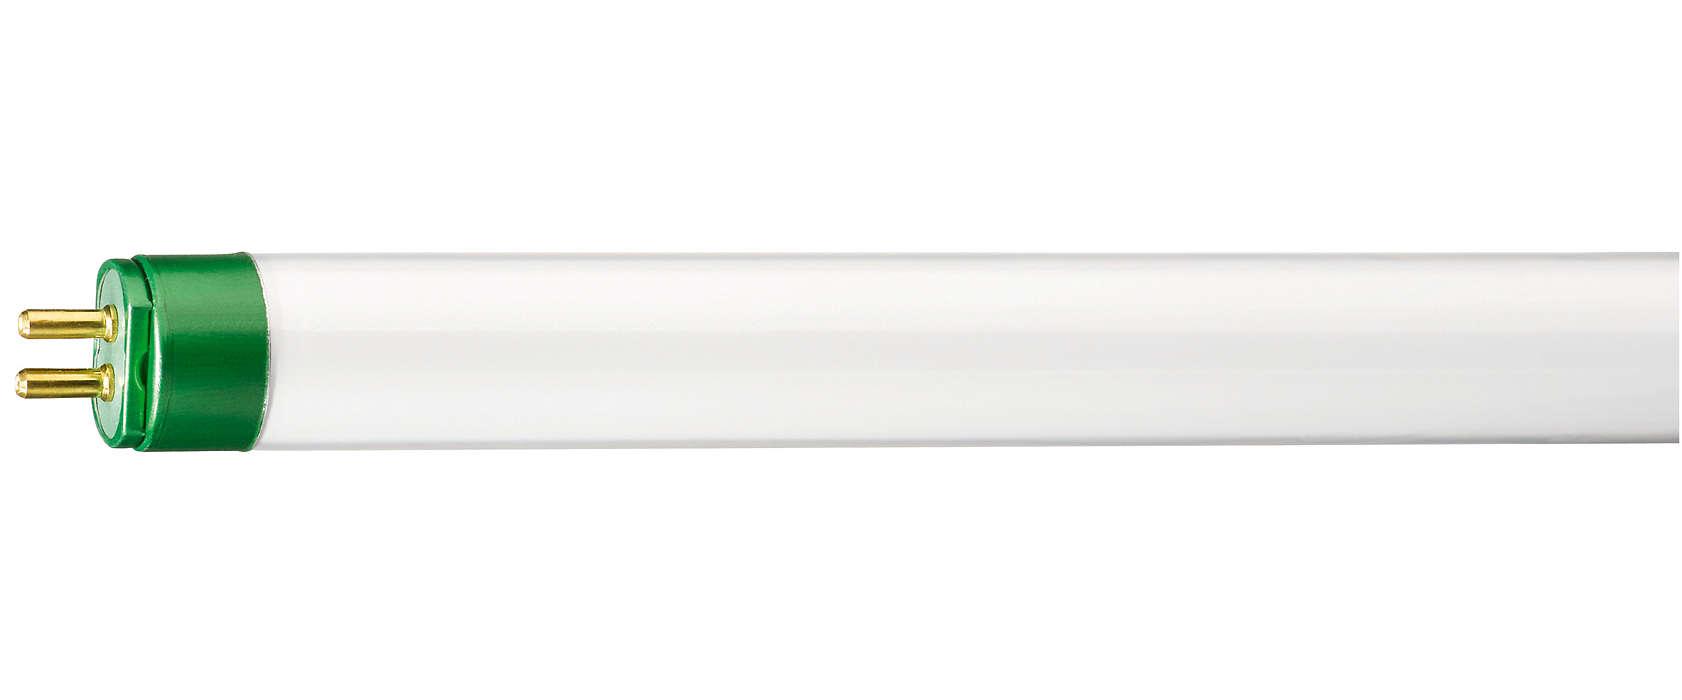 A luz fluorescente mais eficiente e brilhante do mundo.